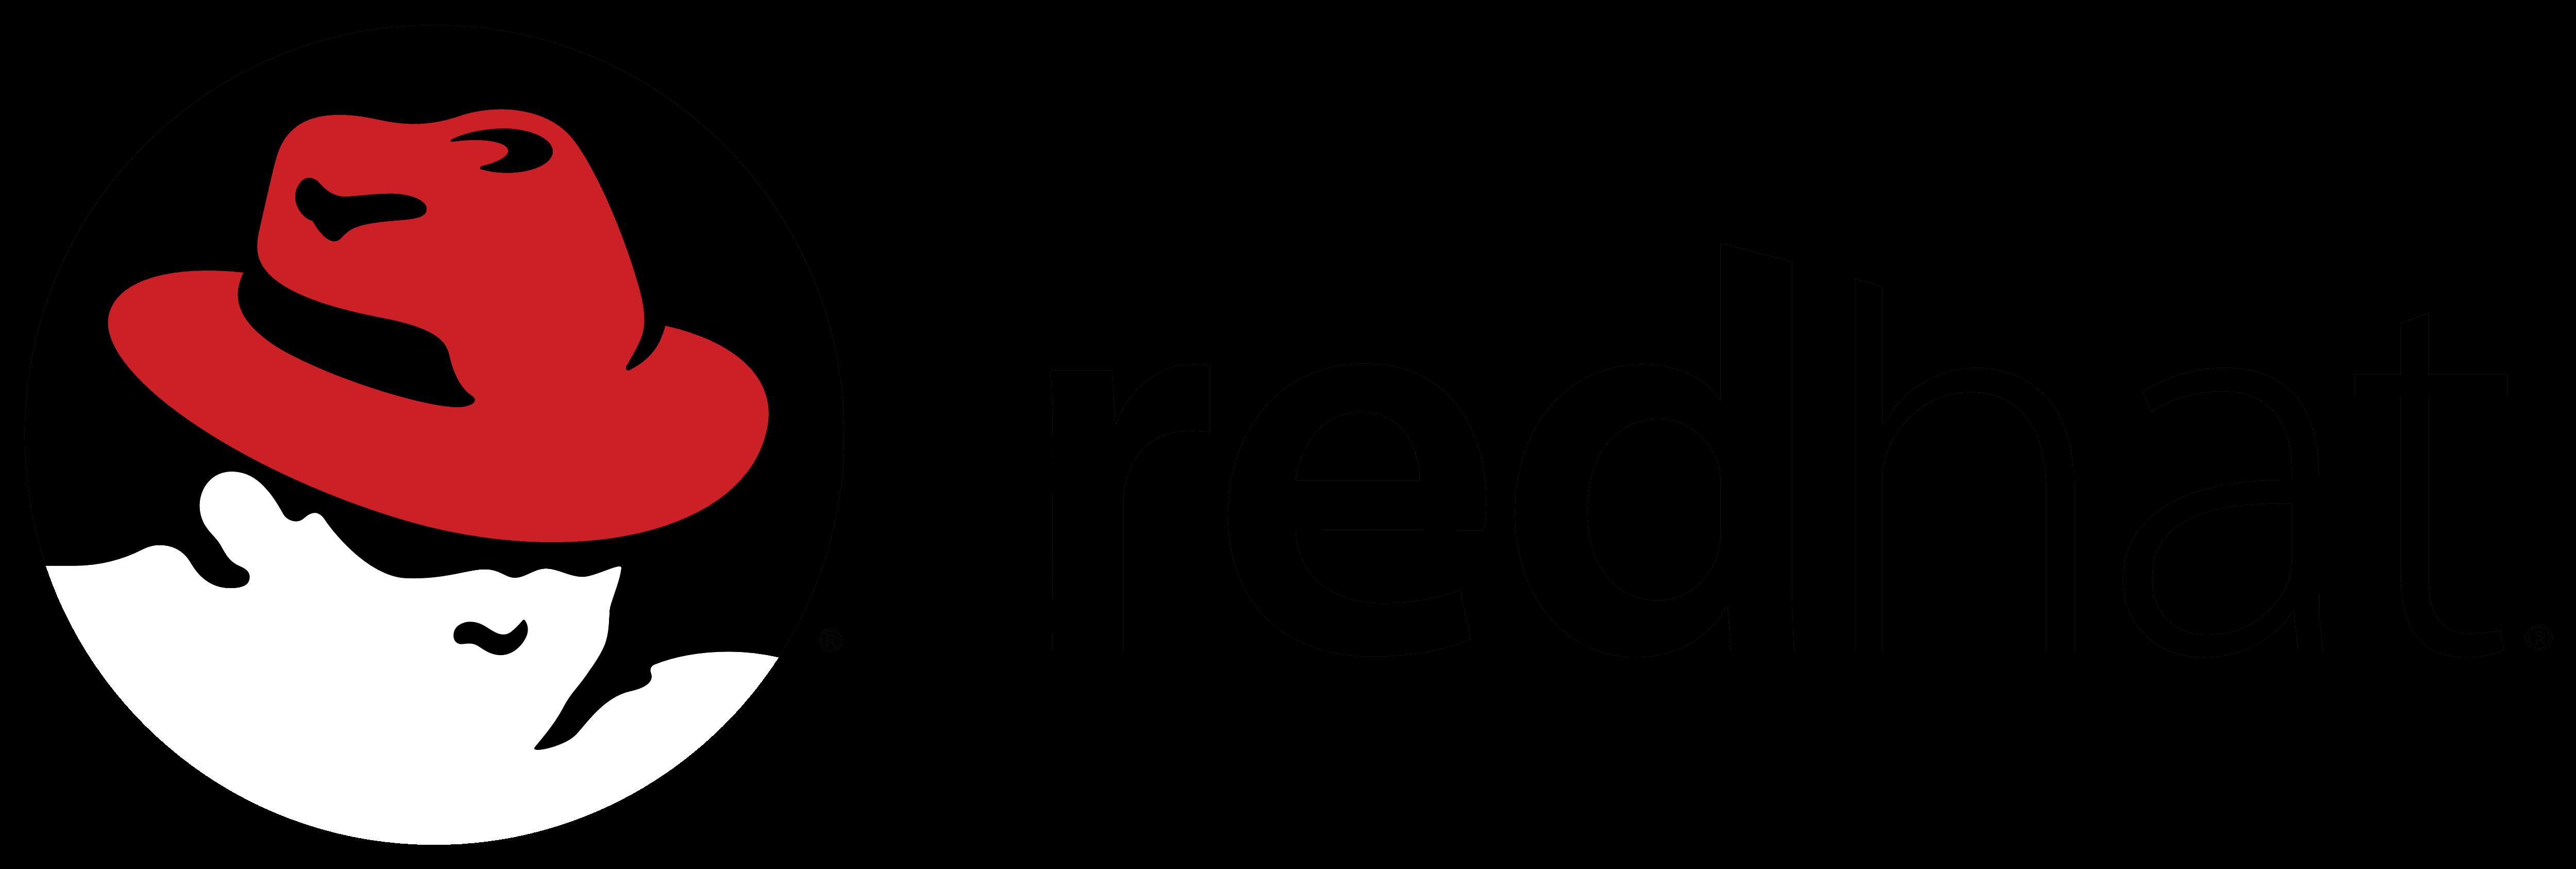 Image result for redhat logo transparent